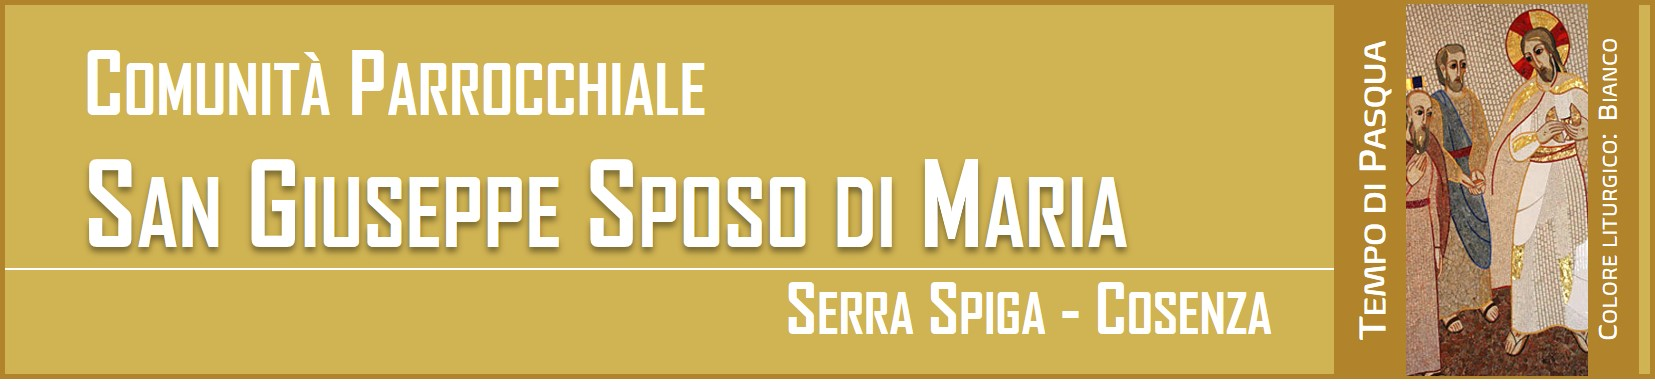 Logo for Comunità Parrocchiale San Giuseppe Sposo di Maria - Serra Spiga Cosenza